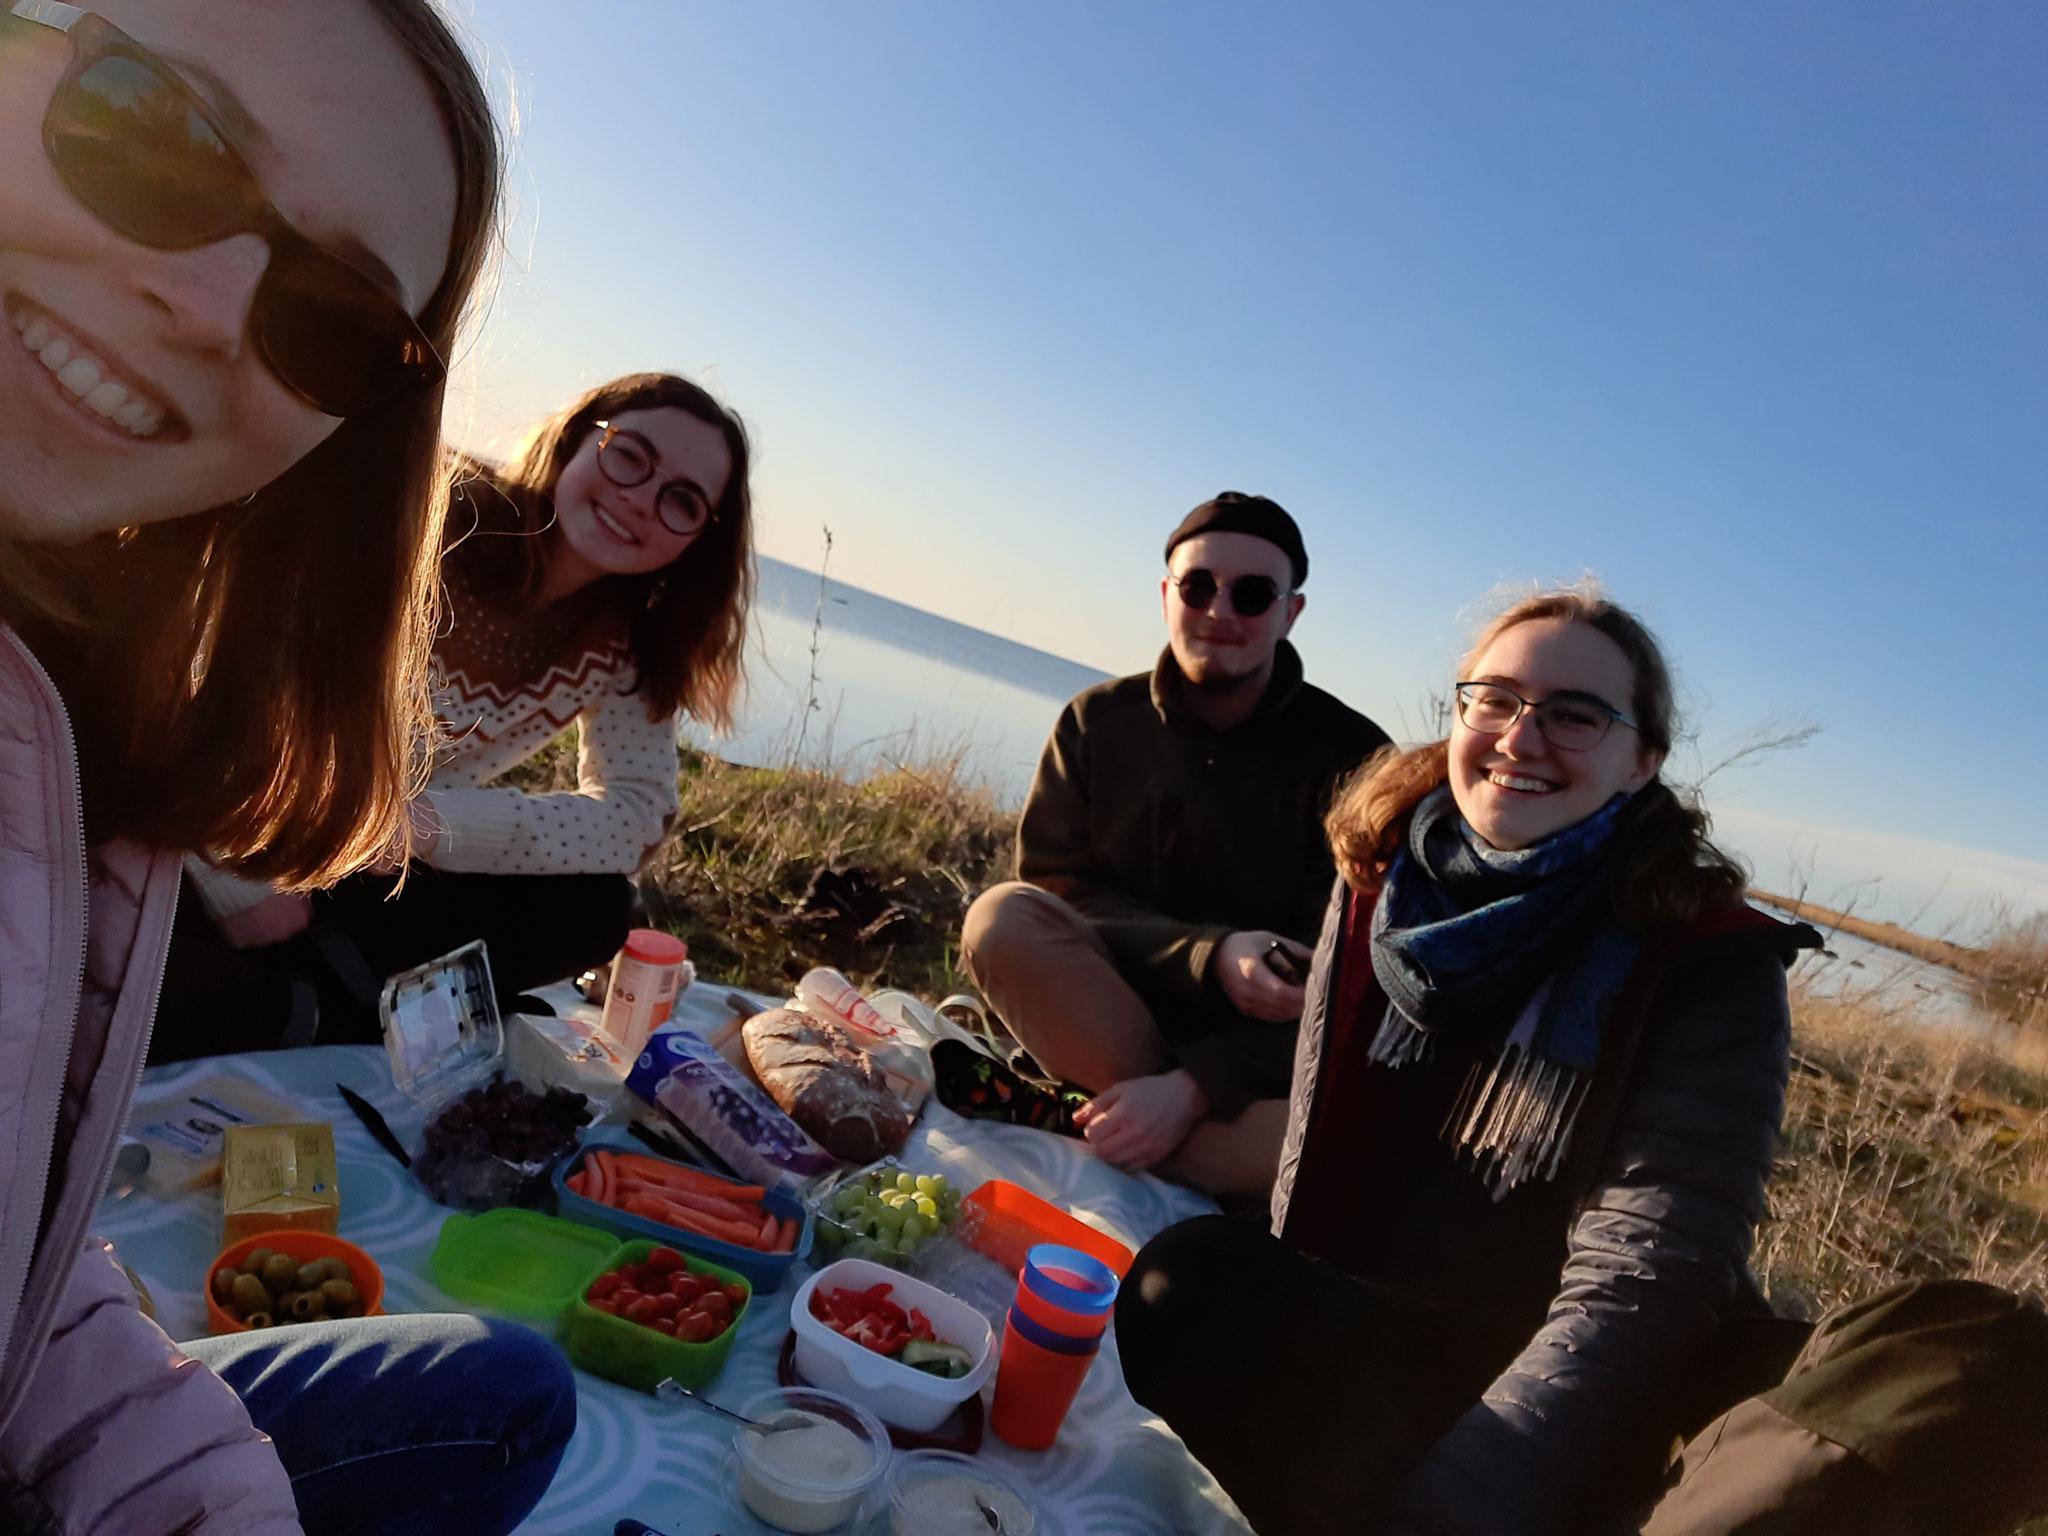 Picknick am Strand von Öland